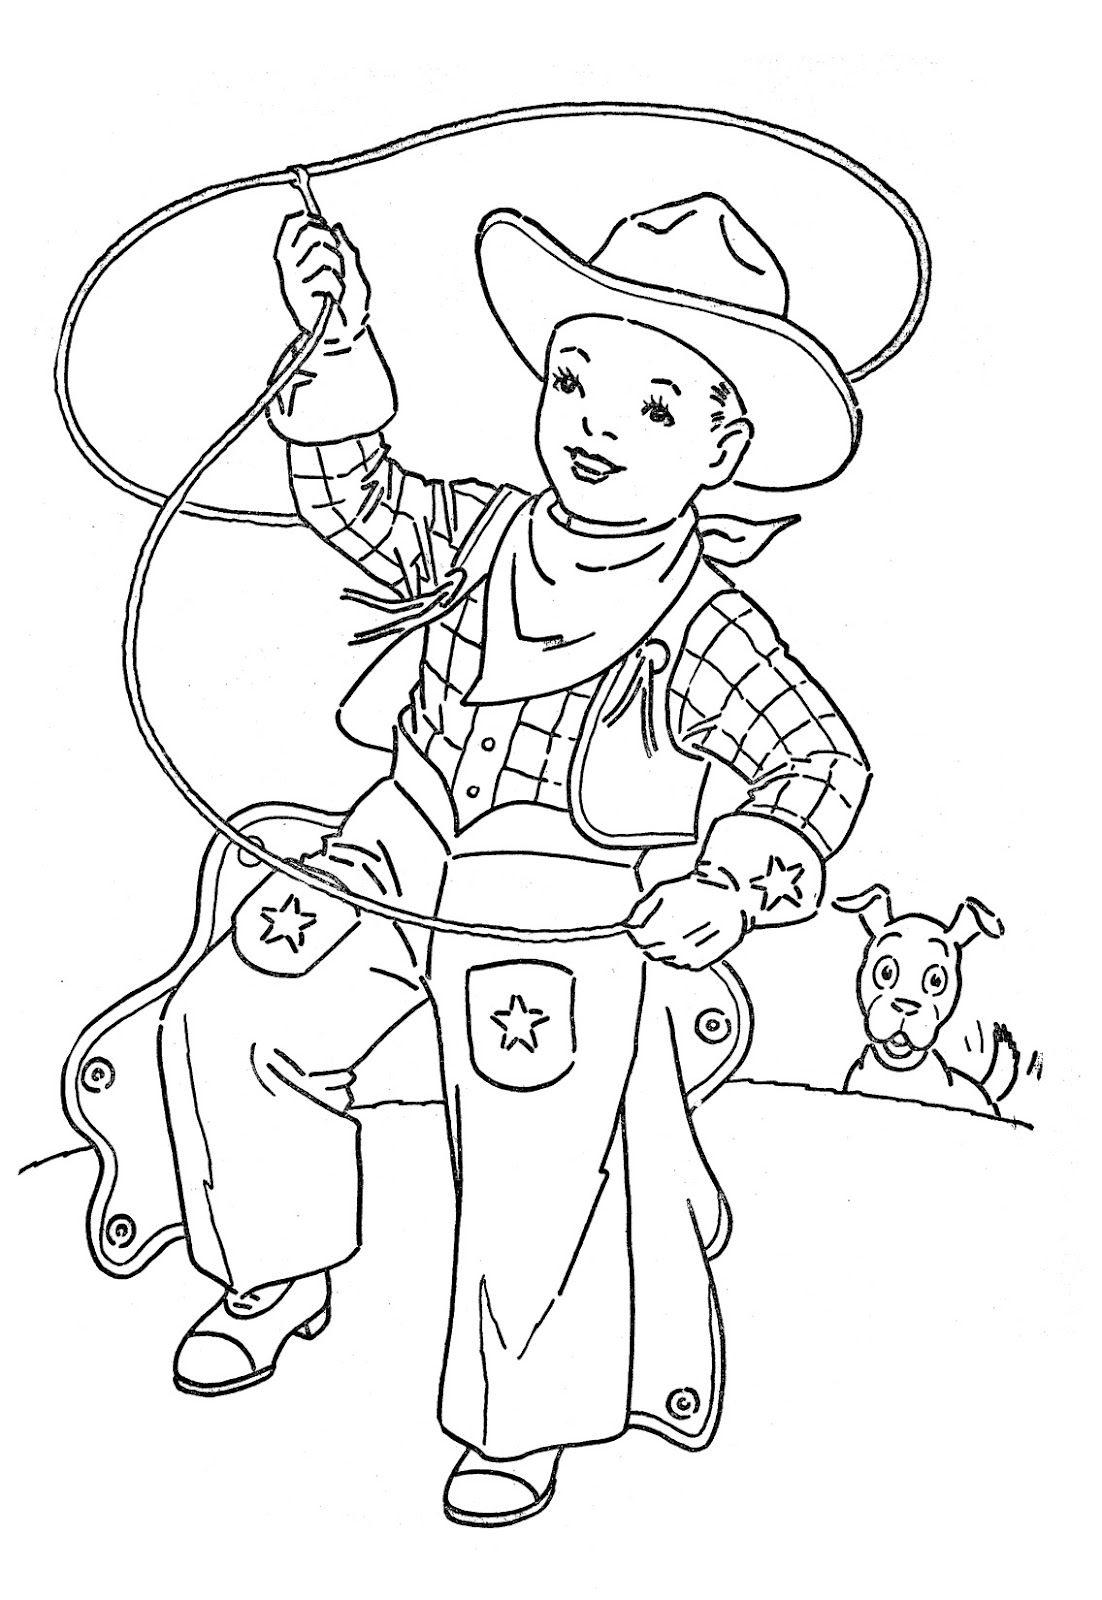 coloring book pages cowboys   Vintage Clip Art - Cute Lil Cowboy - Digi Stamp ...